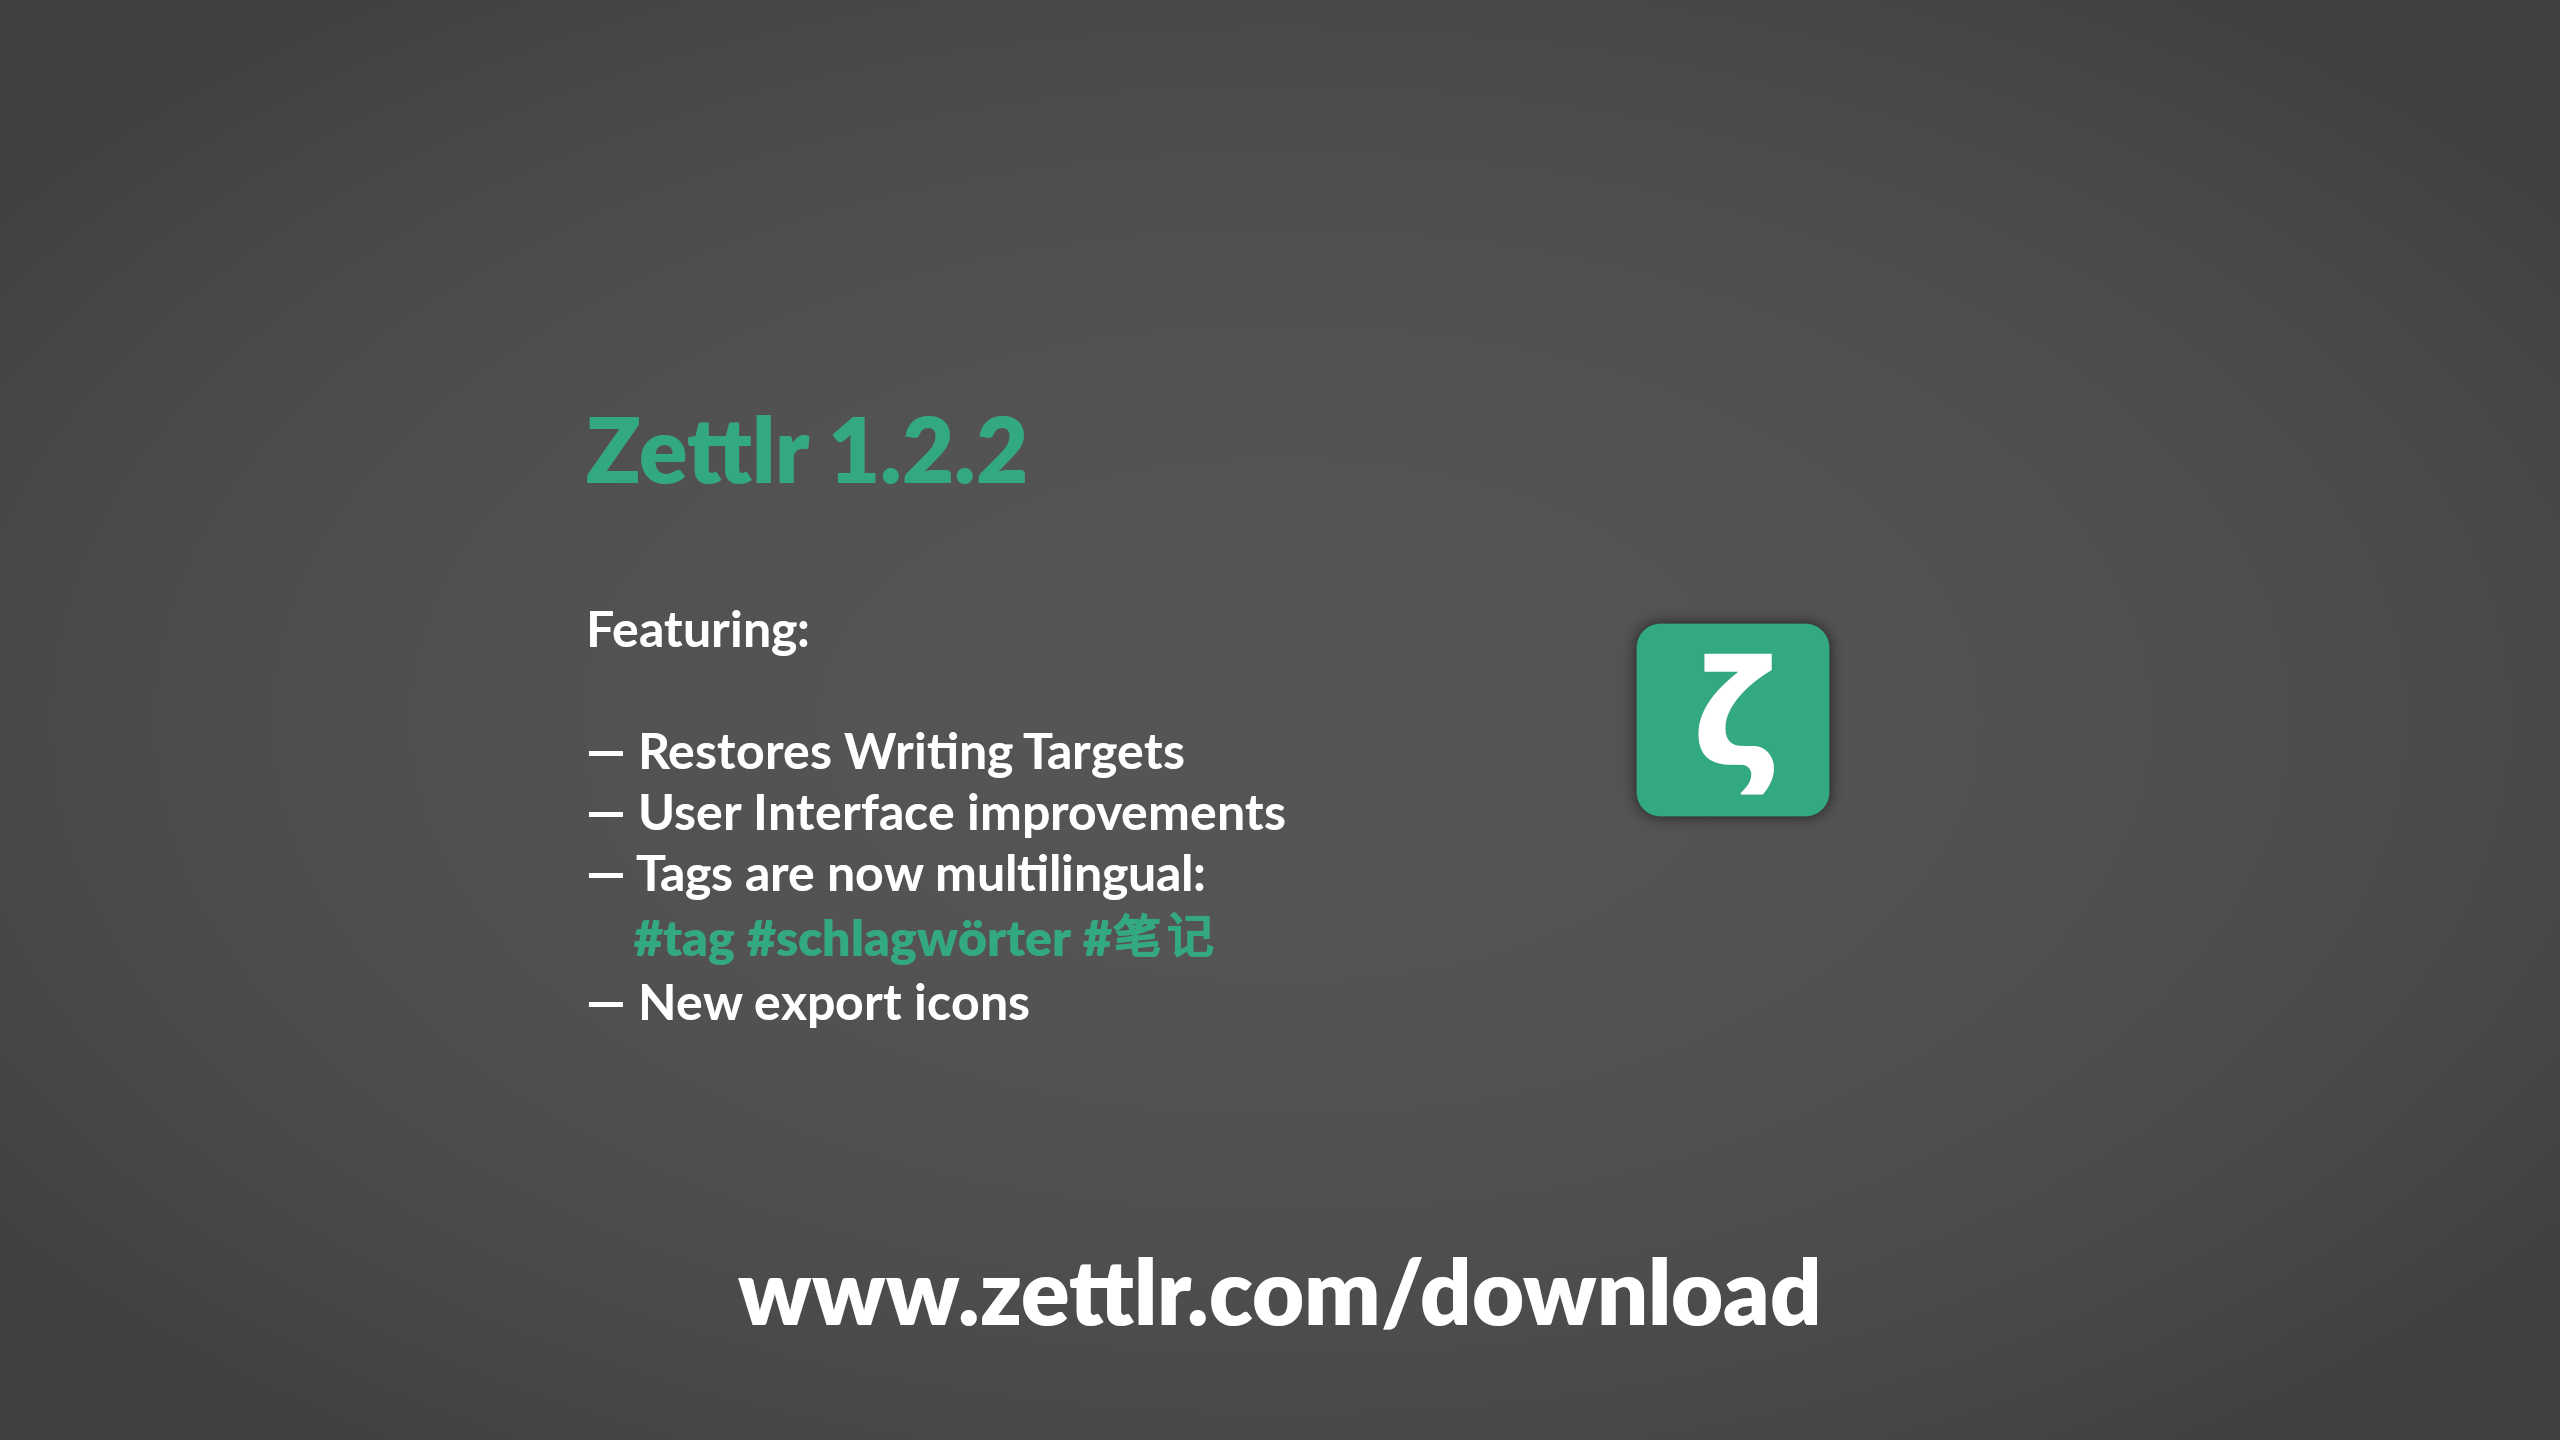 Zettlr 1.2.2 Released